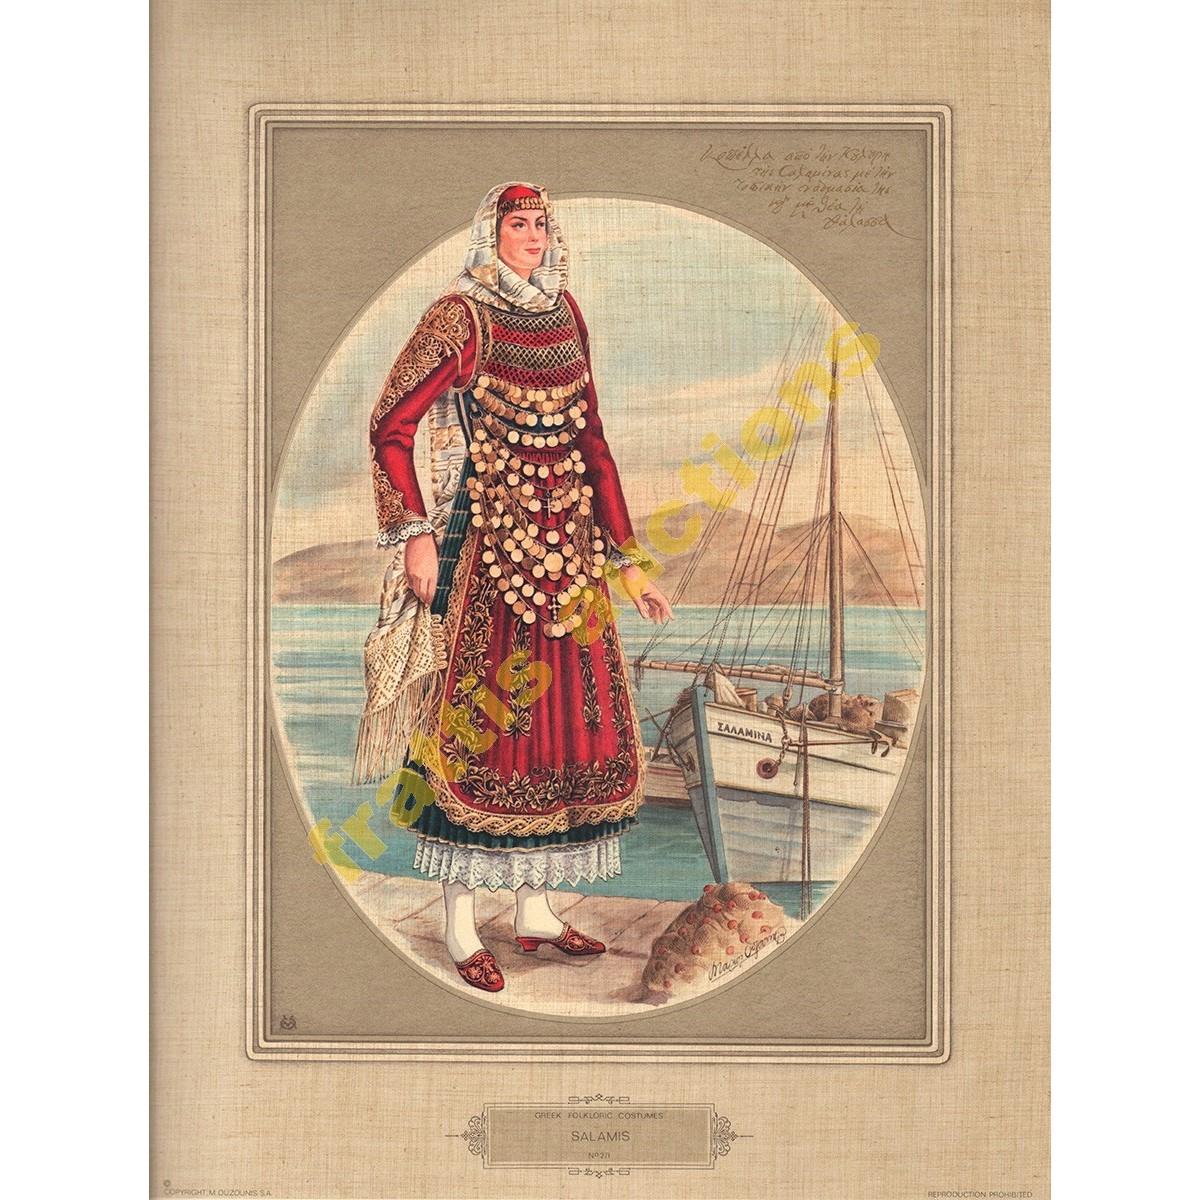 ΣΑΛΑΜΙΝΑ Αφίσα Γυναίκας με Παραδοσιακή Φορεσιά.